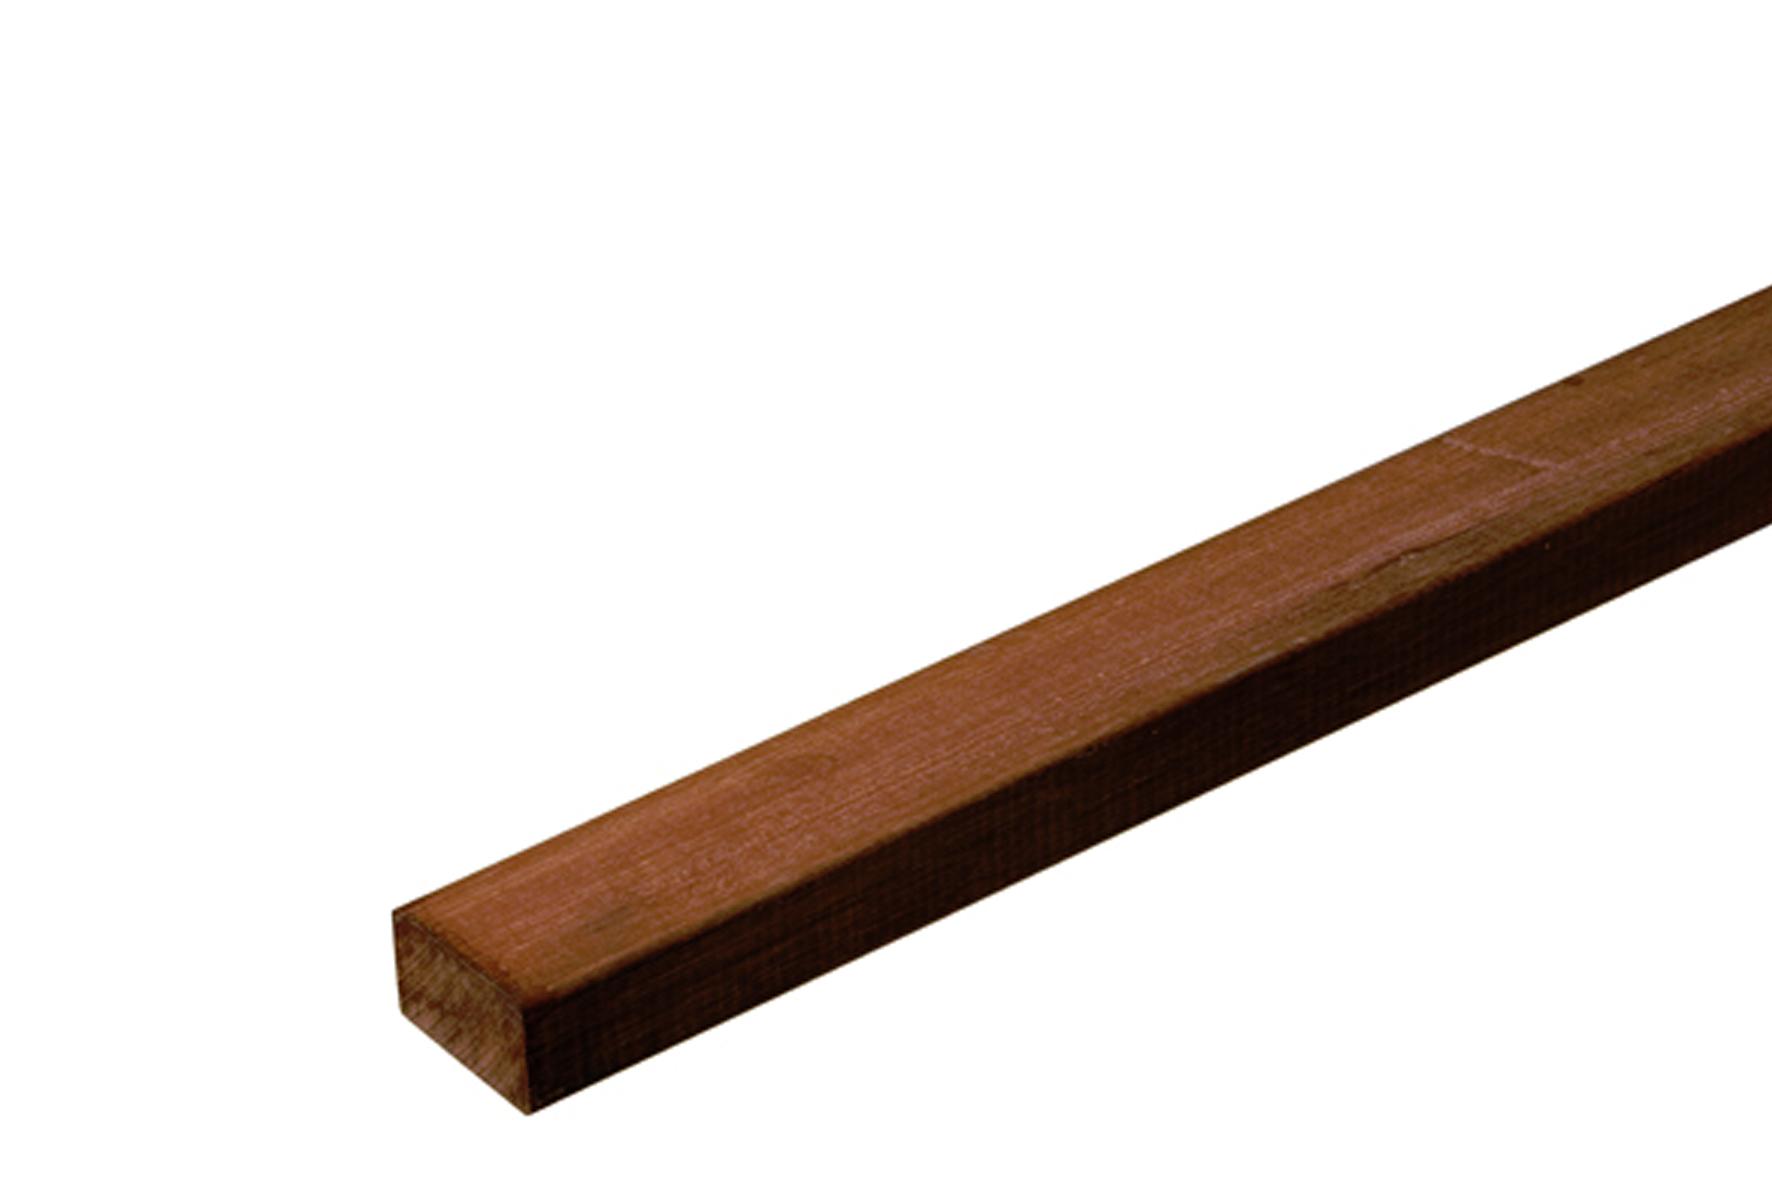 Chevron bois exotique Achat en ligne ou dans notre magasin  # Planche Bois Exotique Extérieur